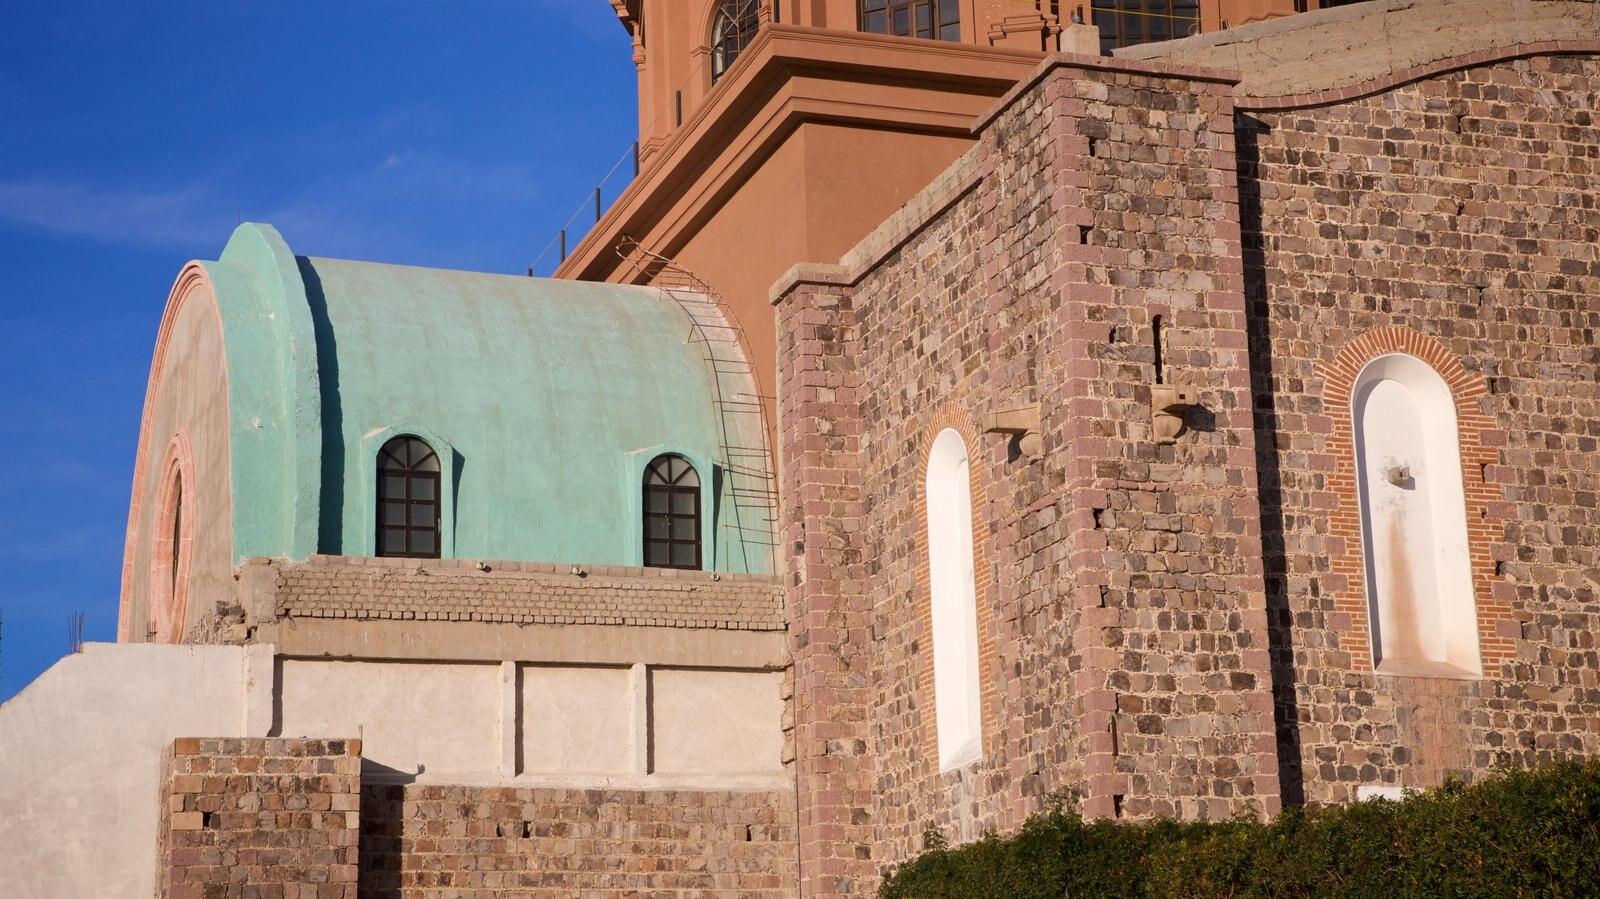 Santuario de la Virgen de Guadalupe